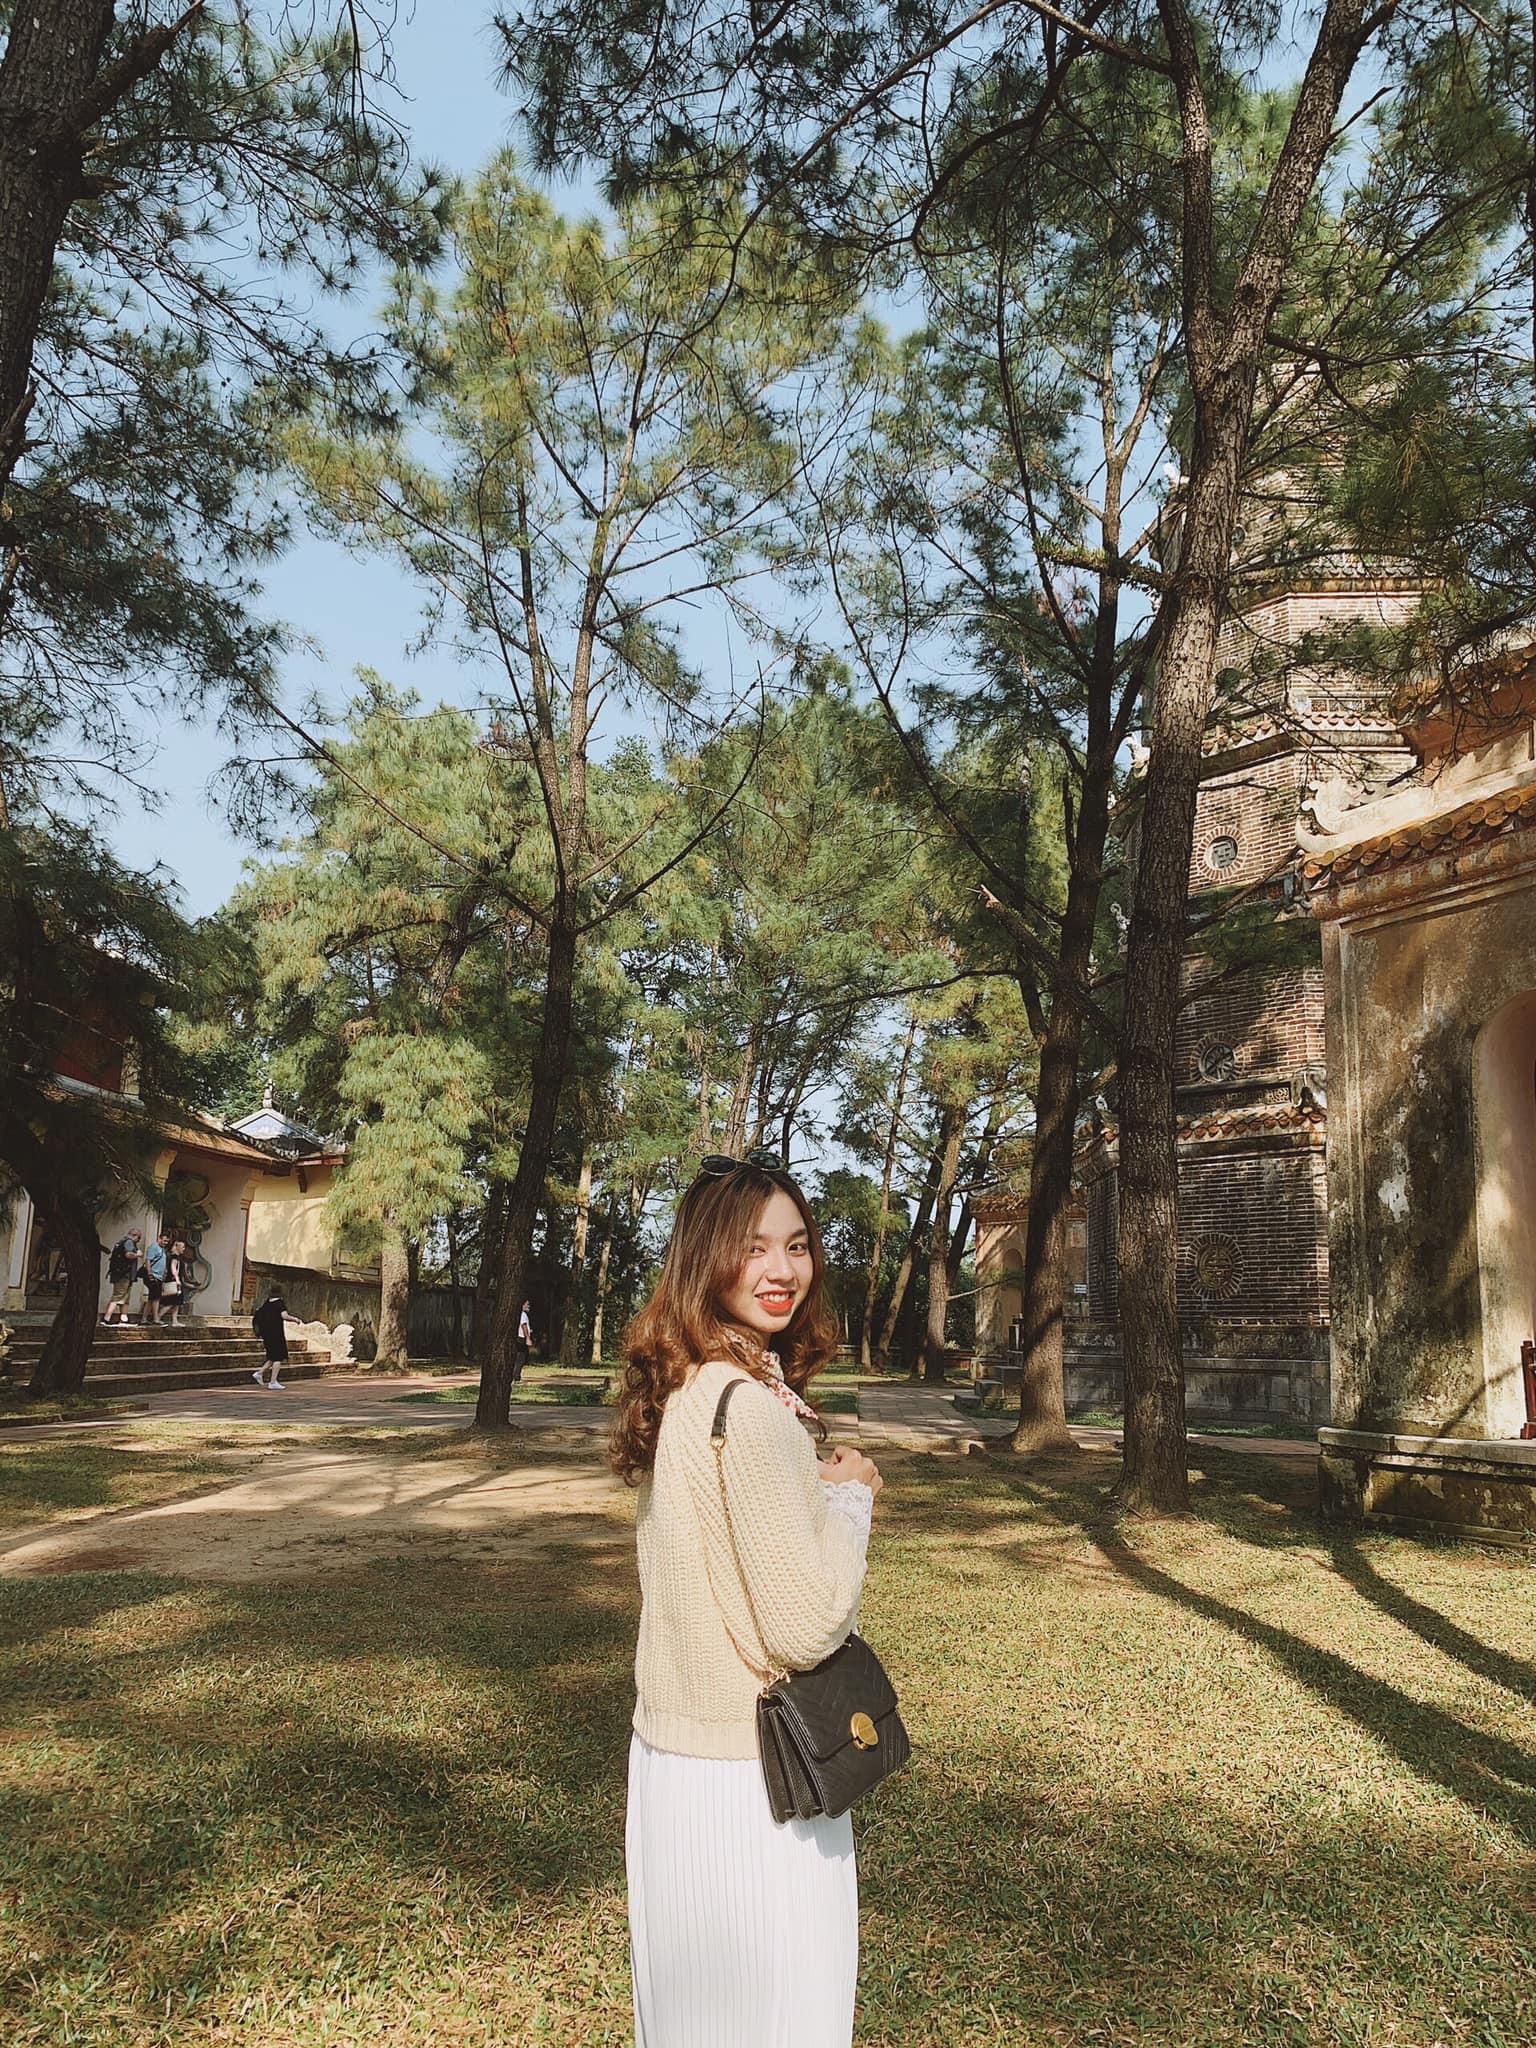 Khuôn viên xanh mát ở chùa Thiên Mụ. Hình: Tường Vy Trần